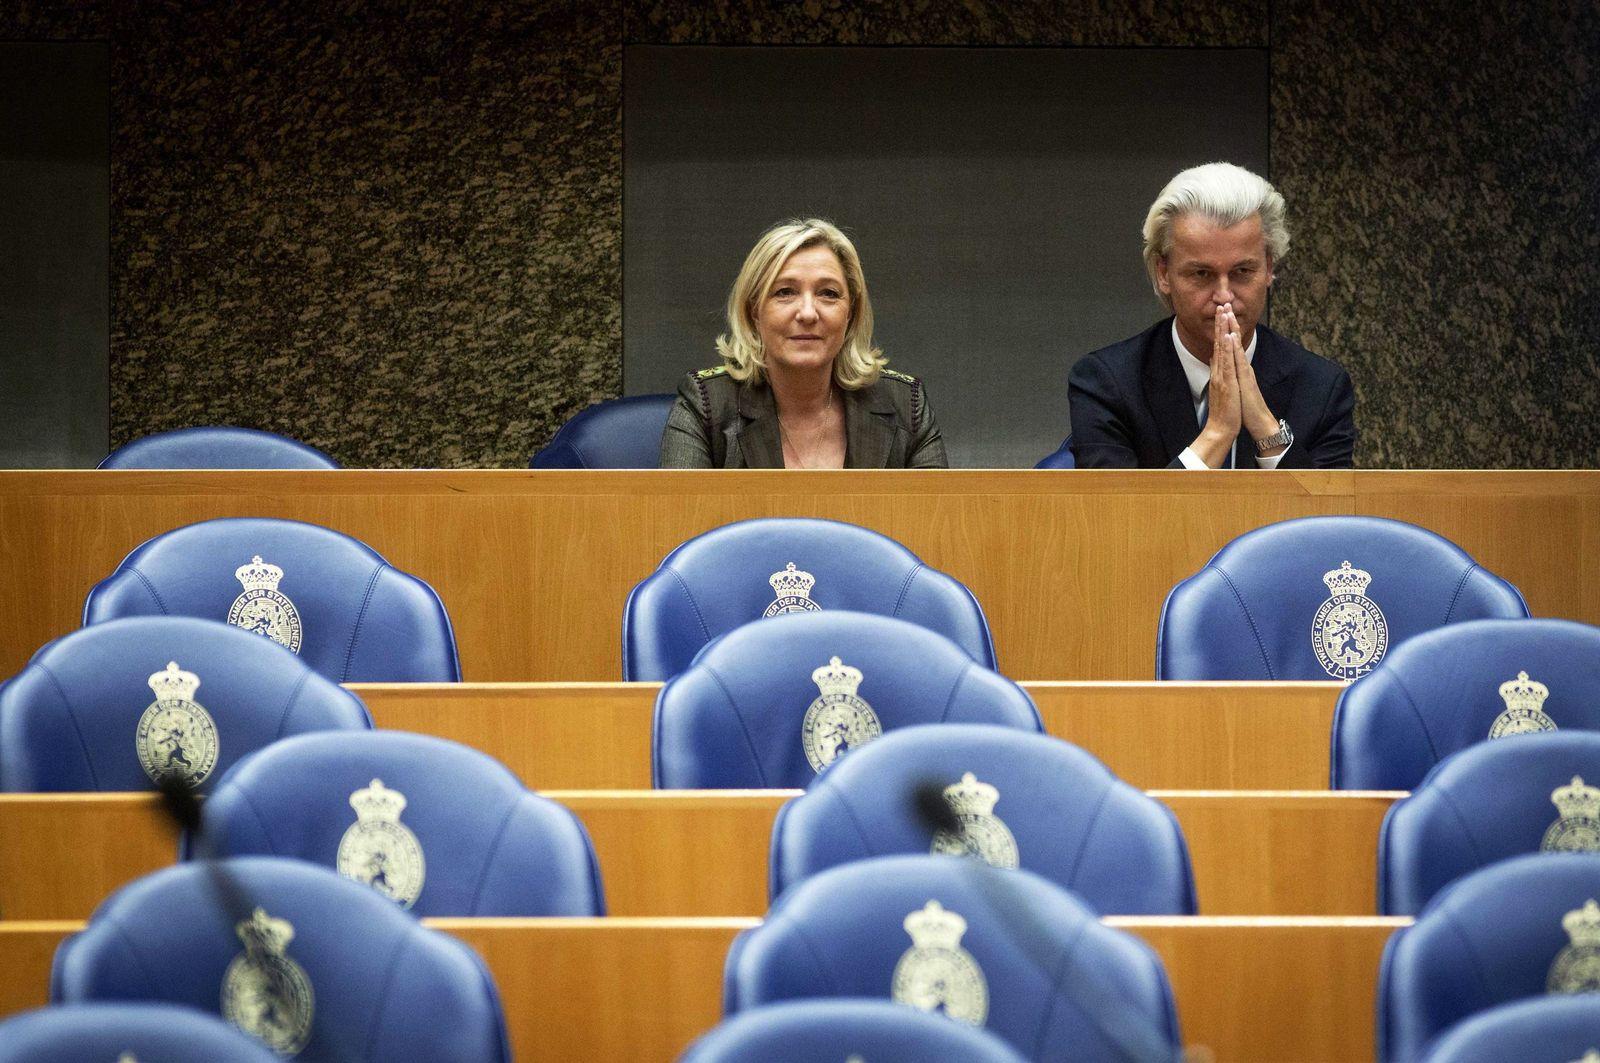 Wilders/ Le Pen